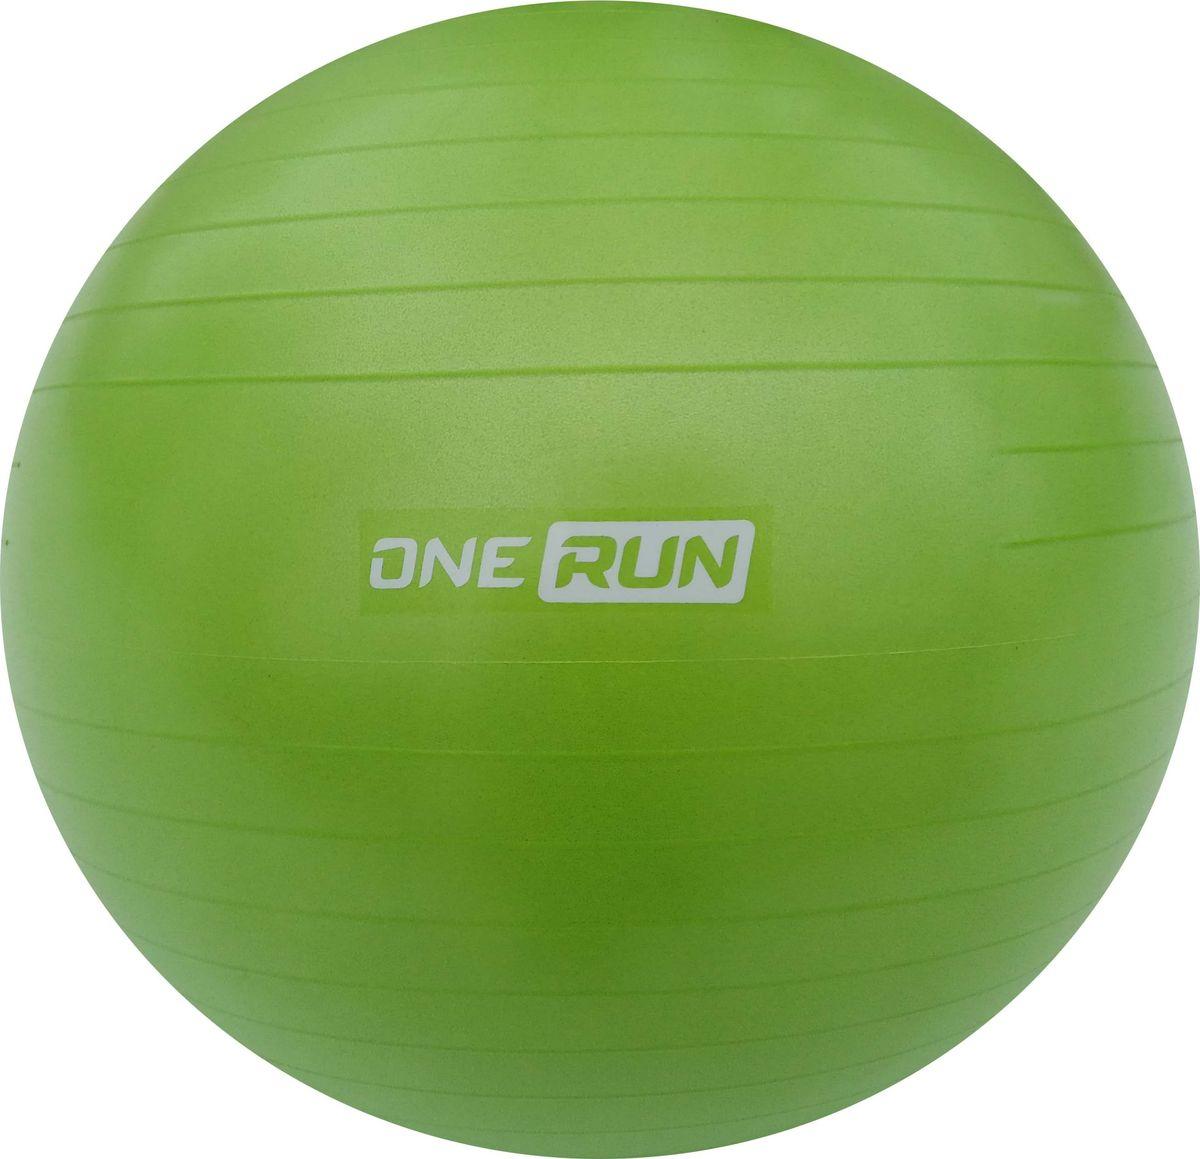 Мяч гимнастический OneRun, анти-взрыв, цвет: зеленый, 65 см495-4824Гимнастический мяч OneRun служит для тренировки как мышц пресса и корпуса, так и других мышечных групп. Его можно использовать в любом возрасте правильно подобрав необходимый размер. При изготовлении мяча использован прочный и экологичный ПВХ, что гарантирует его долгую службу и безопасность. Специальная технология Anti-burst обеспечивает защиту от взрыва. Максимальный вес пользователя: 120 кг.